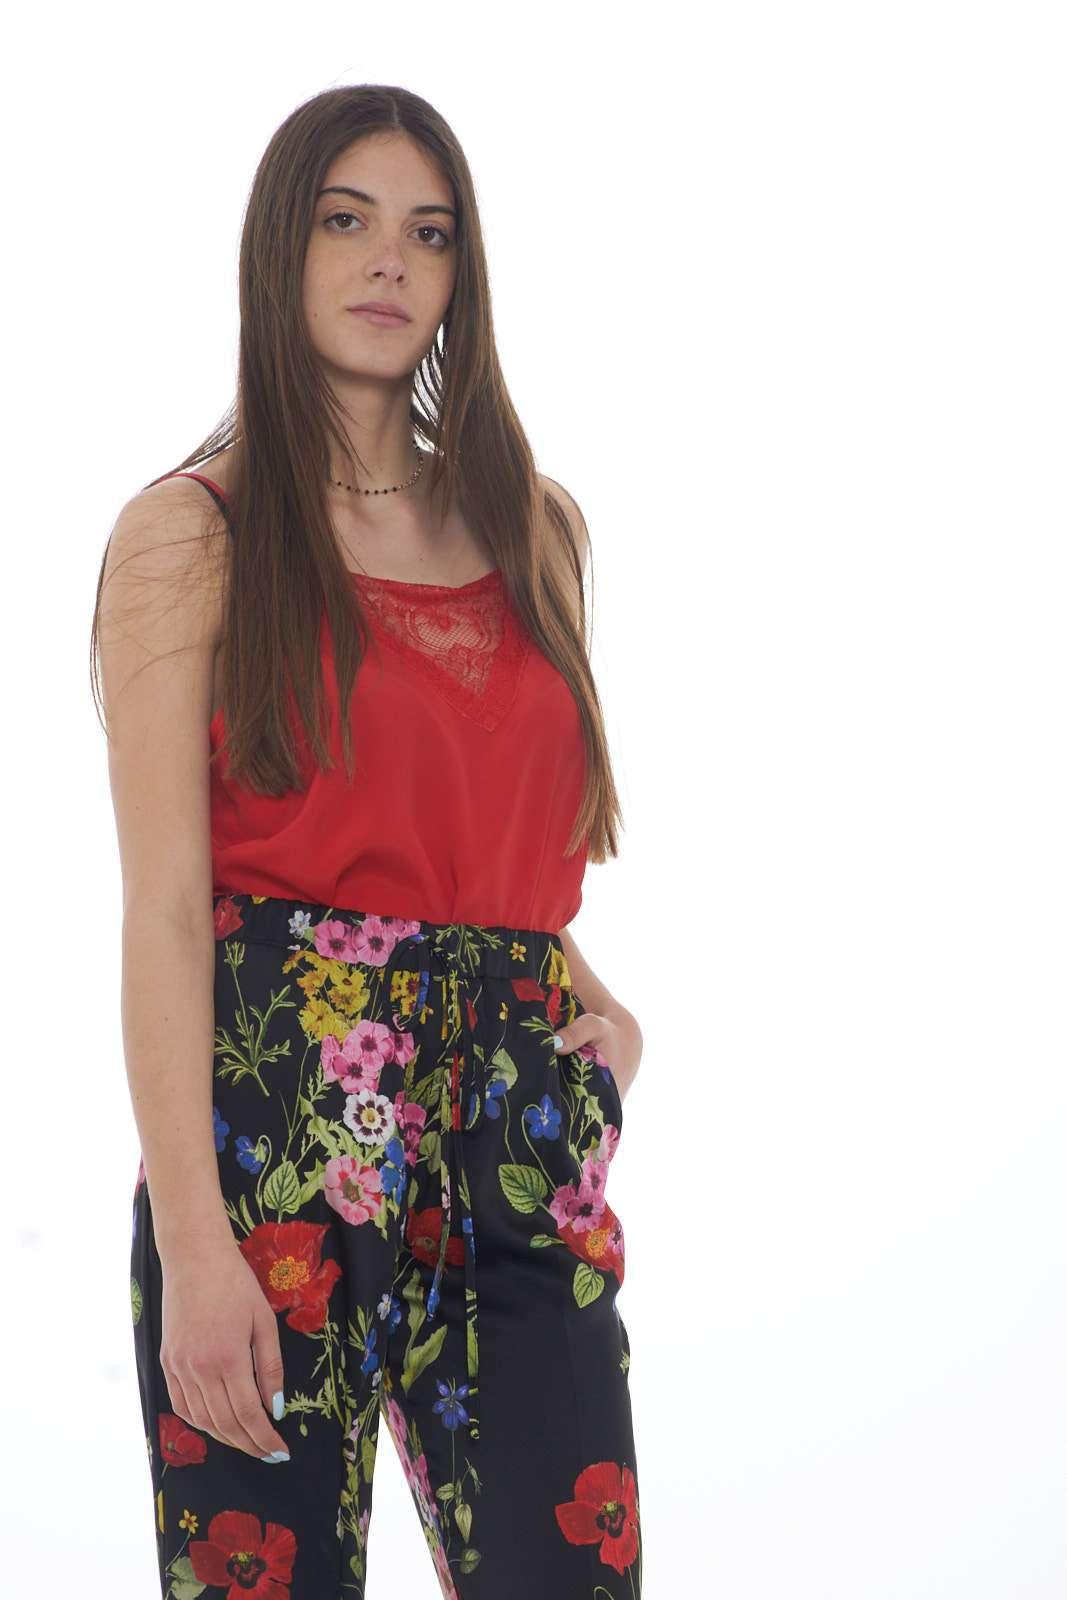 https://www.parmax.com/media/catalog/product/a/i/PE-outlet_parmax-top-donna-Sfizio-19fe8681-A.jpg